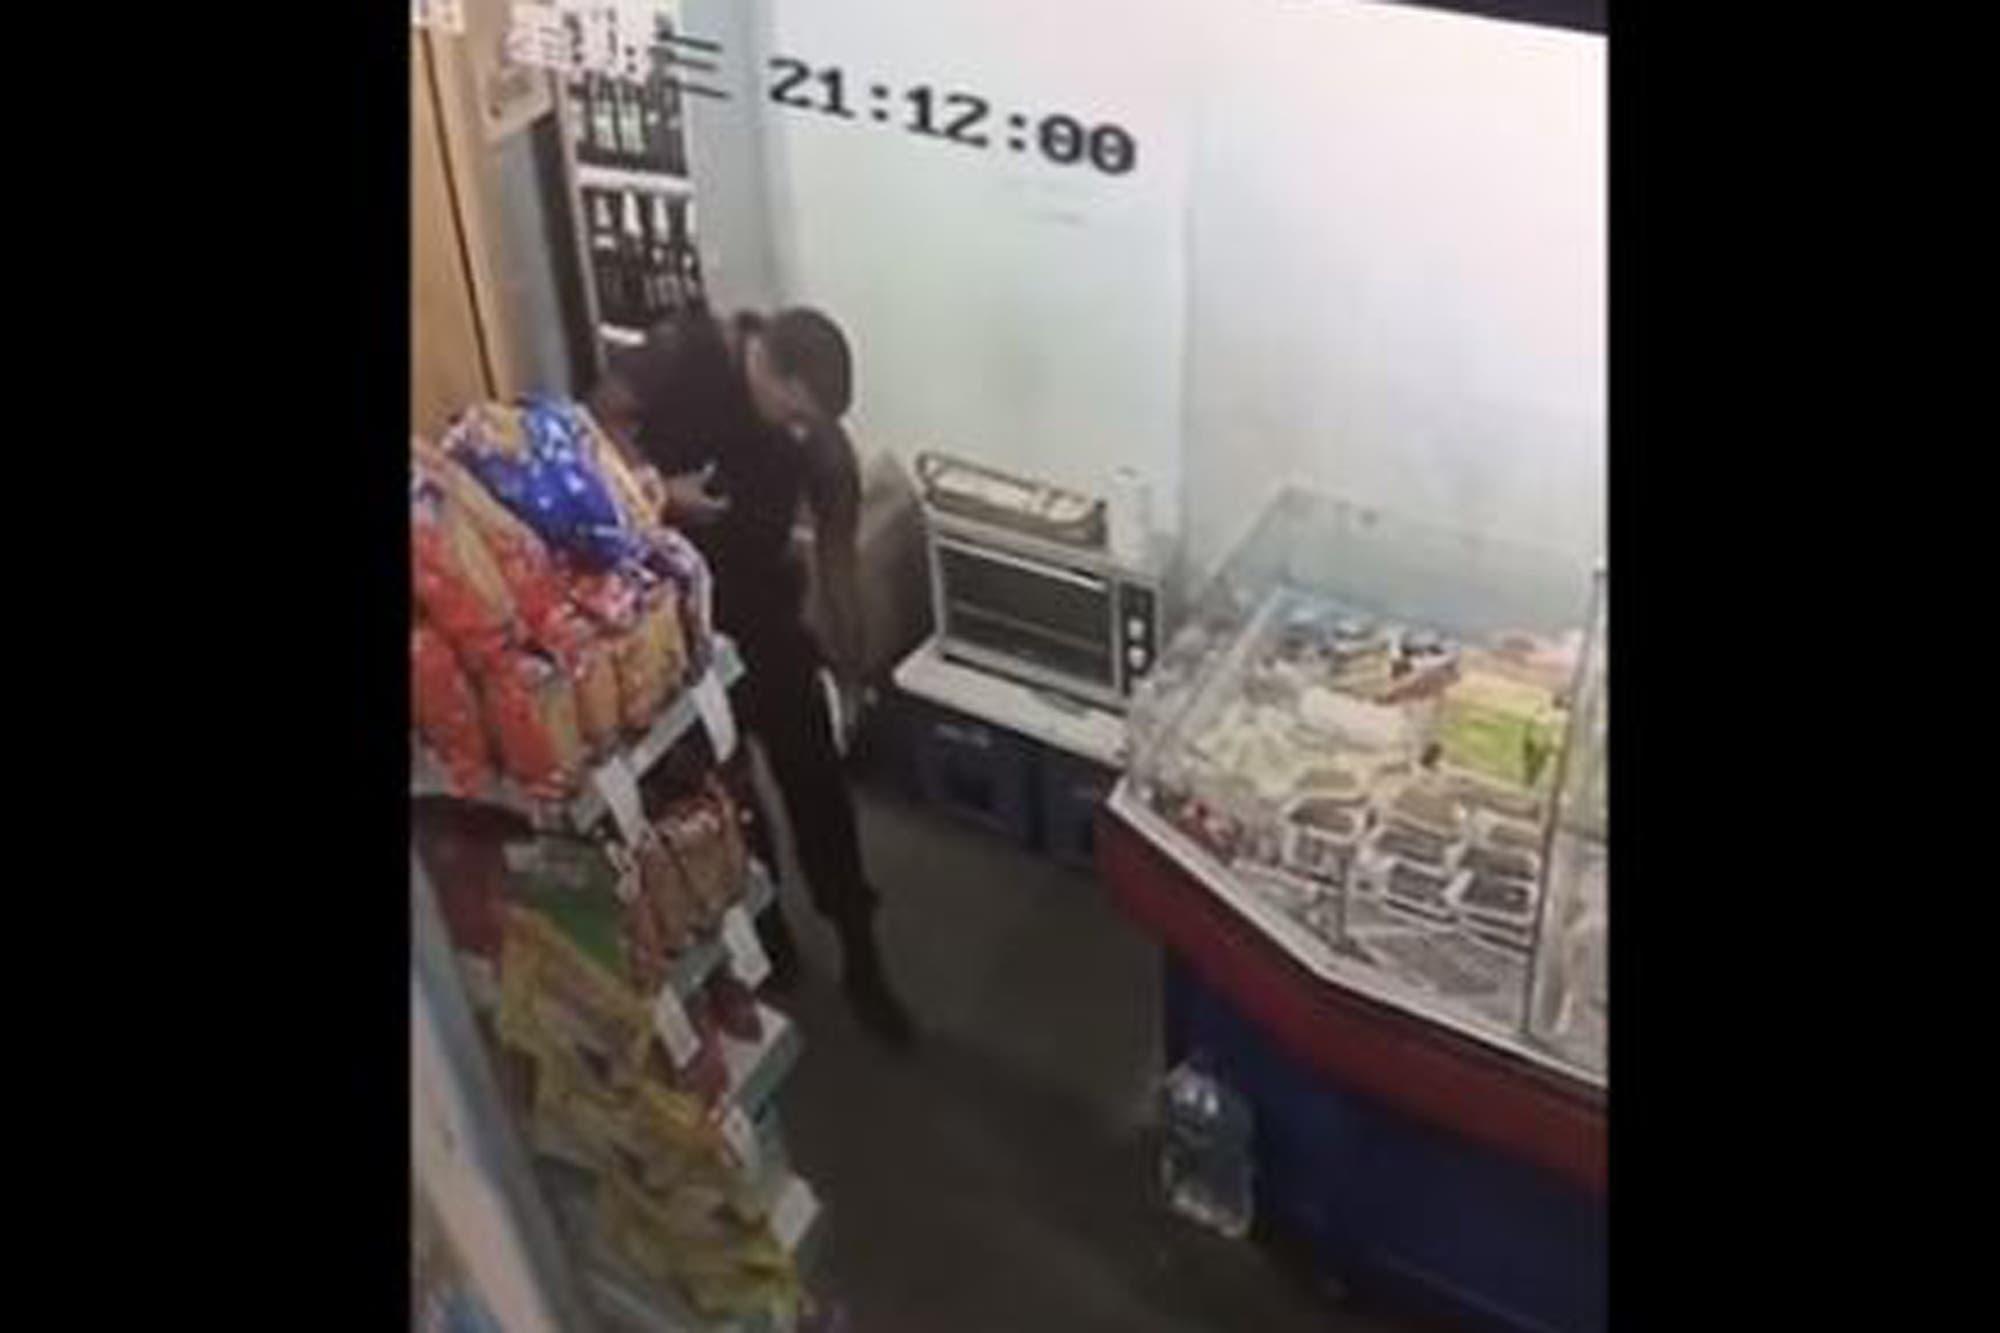 Un video muestra a un policía de la Ciudad robando fiambre en un supermercado